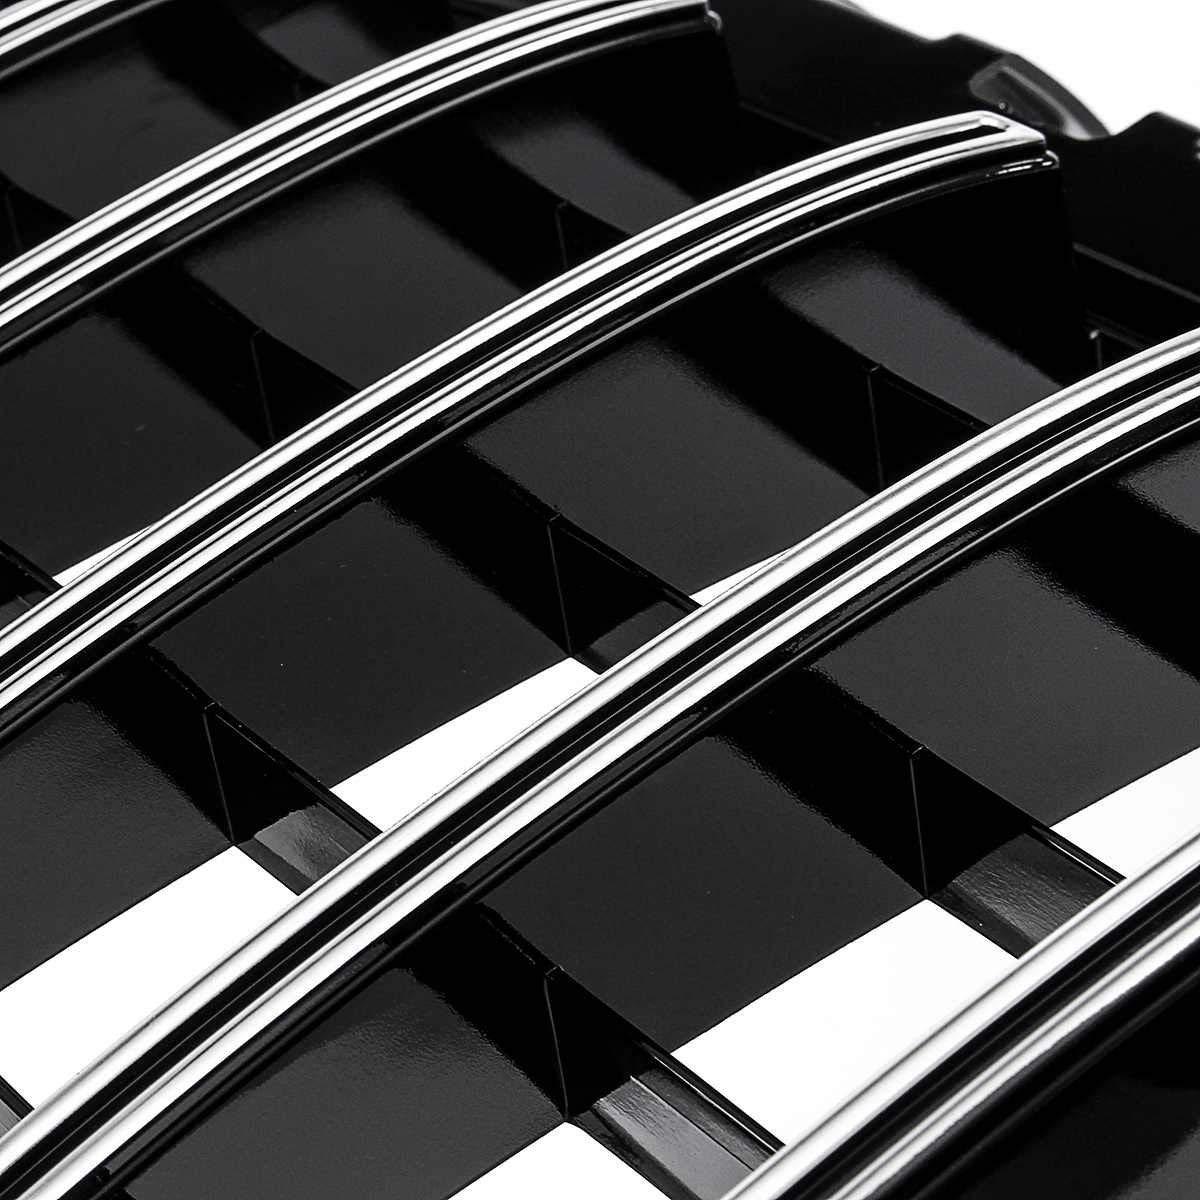 LSYBB ABS Grille Paraurti Anteriore Griglia Racing Adatto per Mercedes Classe A W177 A35 A45 A180 A200 A250 2018-2020 Amg GT Grill con Foro per Fotocamera,Black